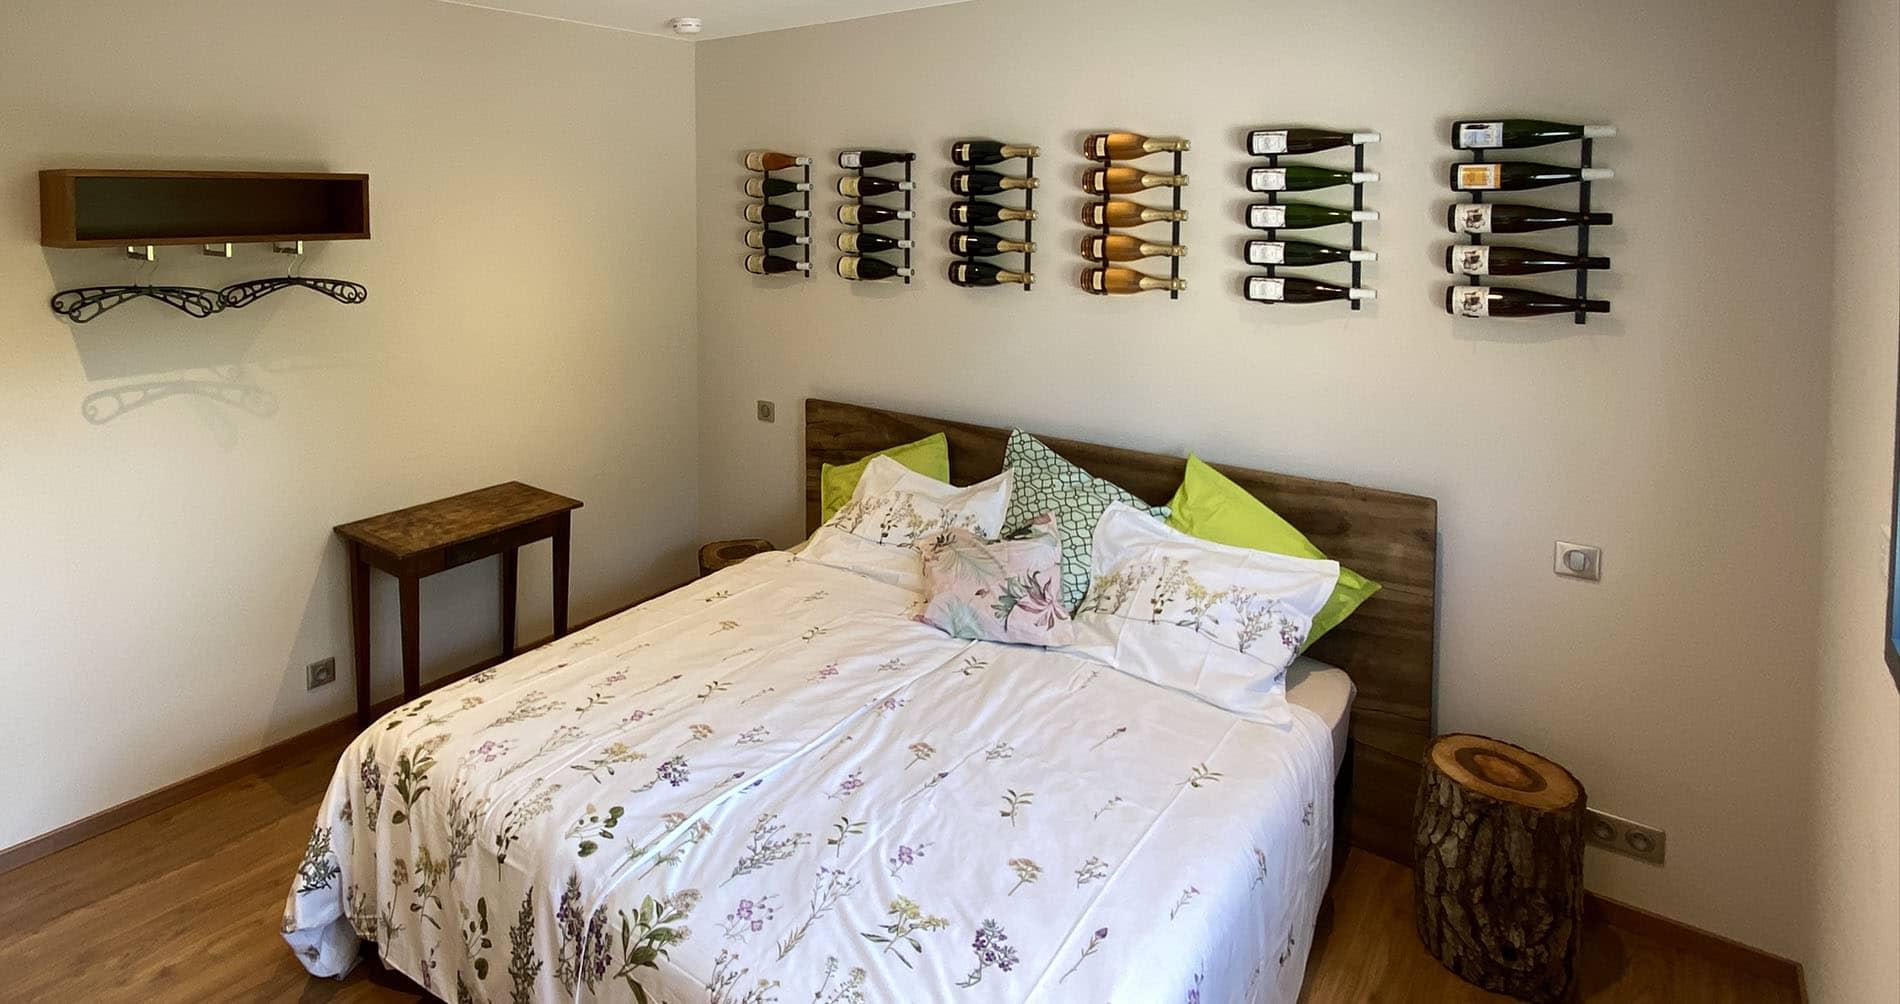 La chambre aux bouteilles IMG 4046 4